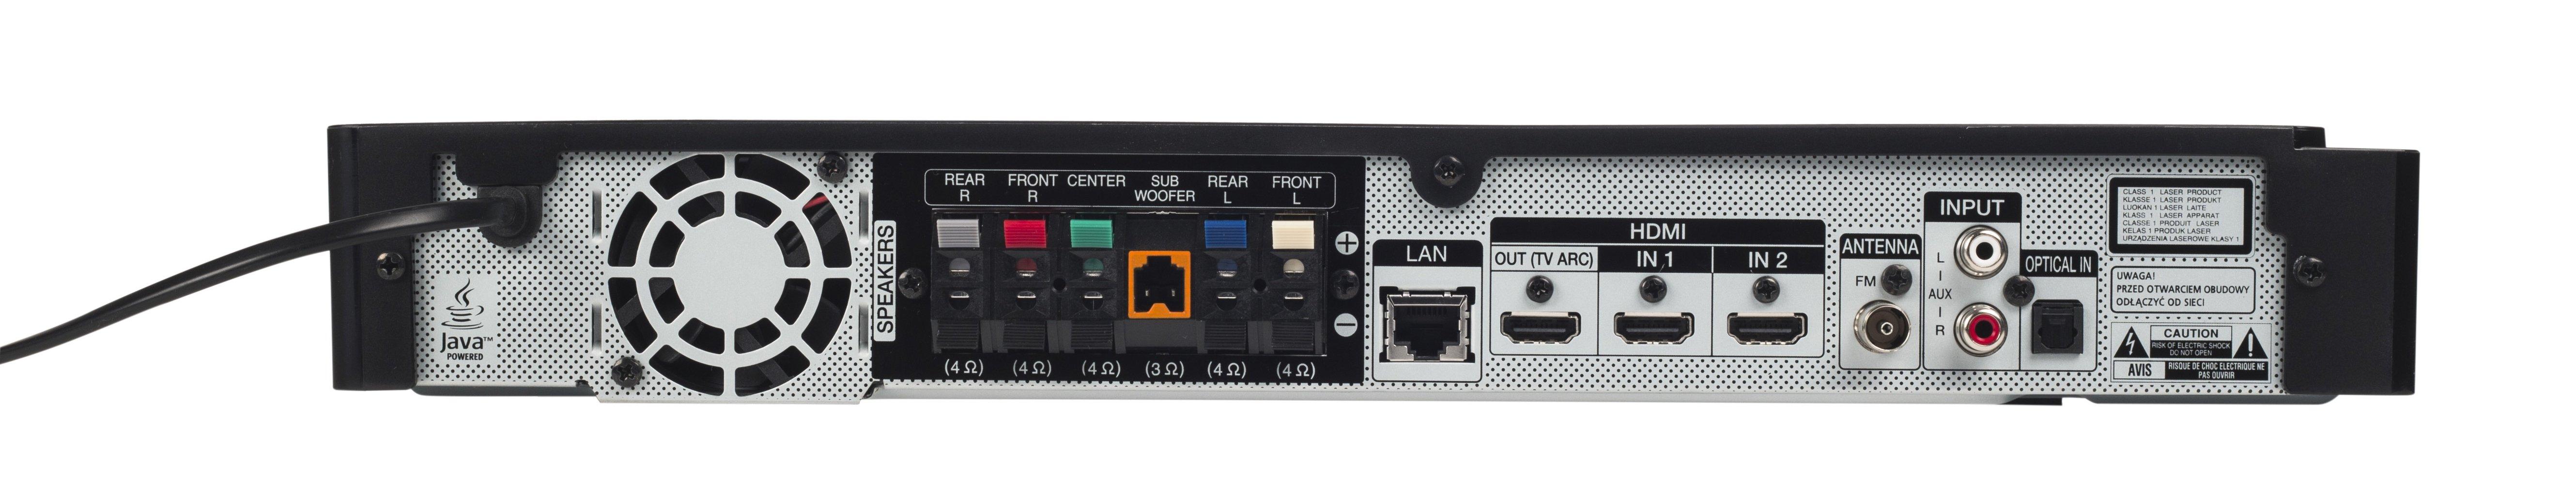 Home Audio Wiring Cost Diagram Schematics Smart Design Installation Books Of U2022 Speaker System